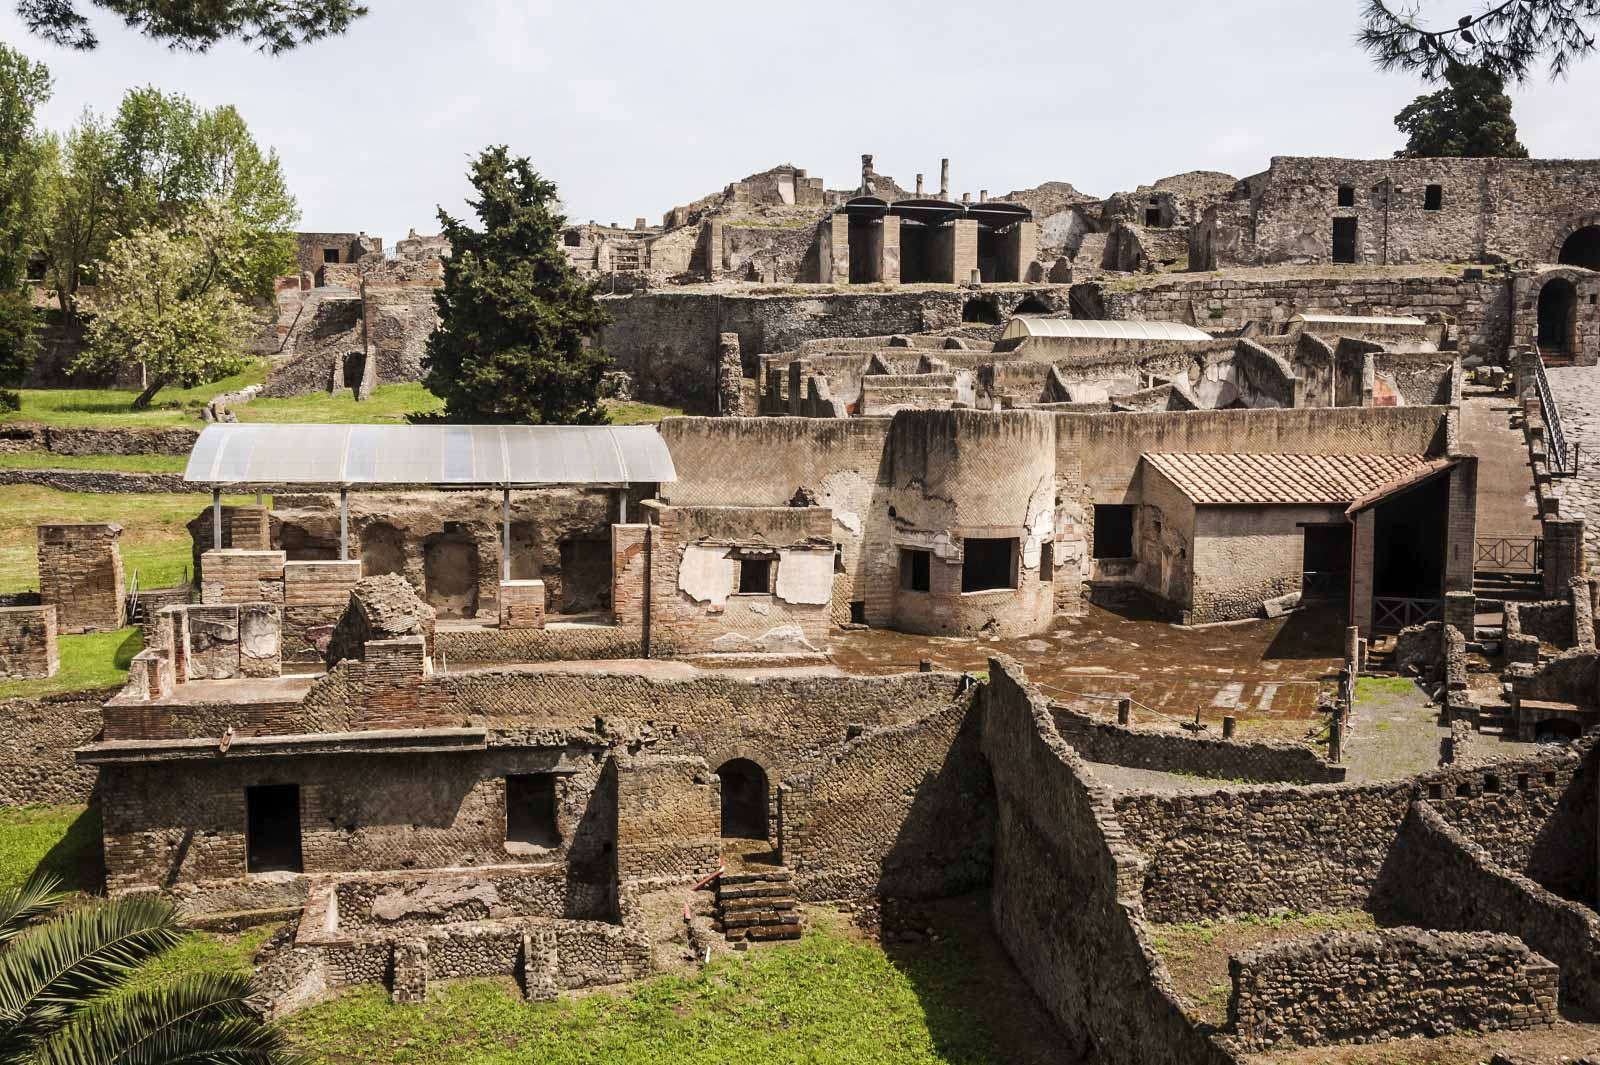 Fotos de la antigua ciudad de pompeya 87